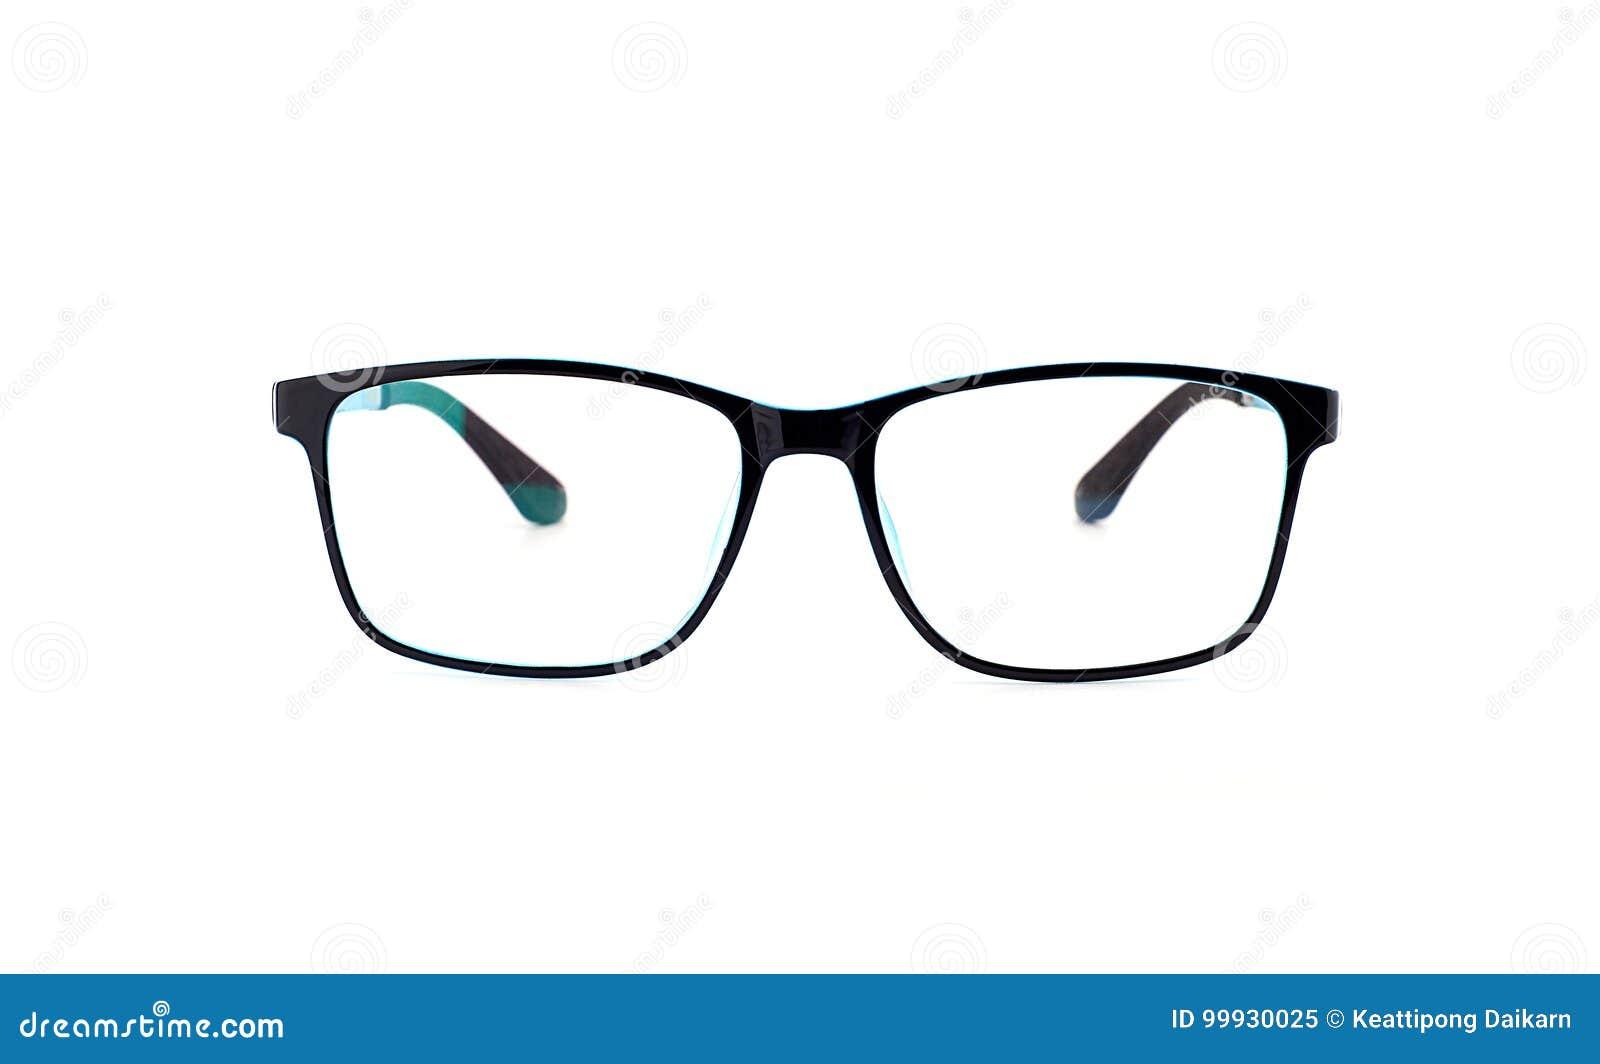 Black Eye Glasses Isolated On White Background Stock Image